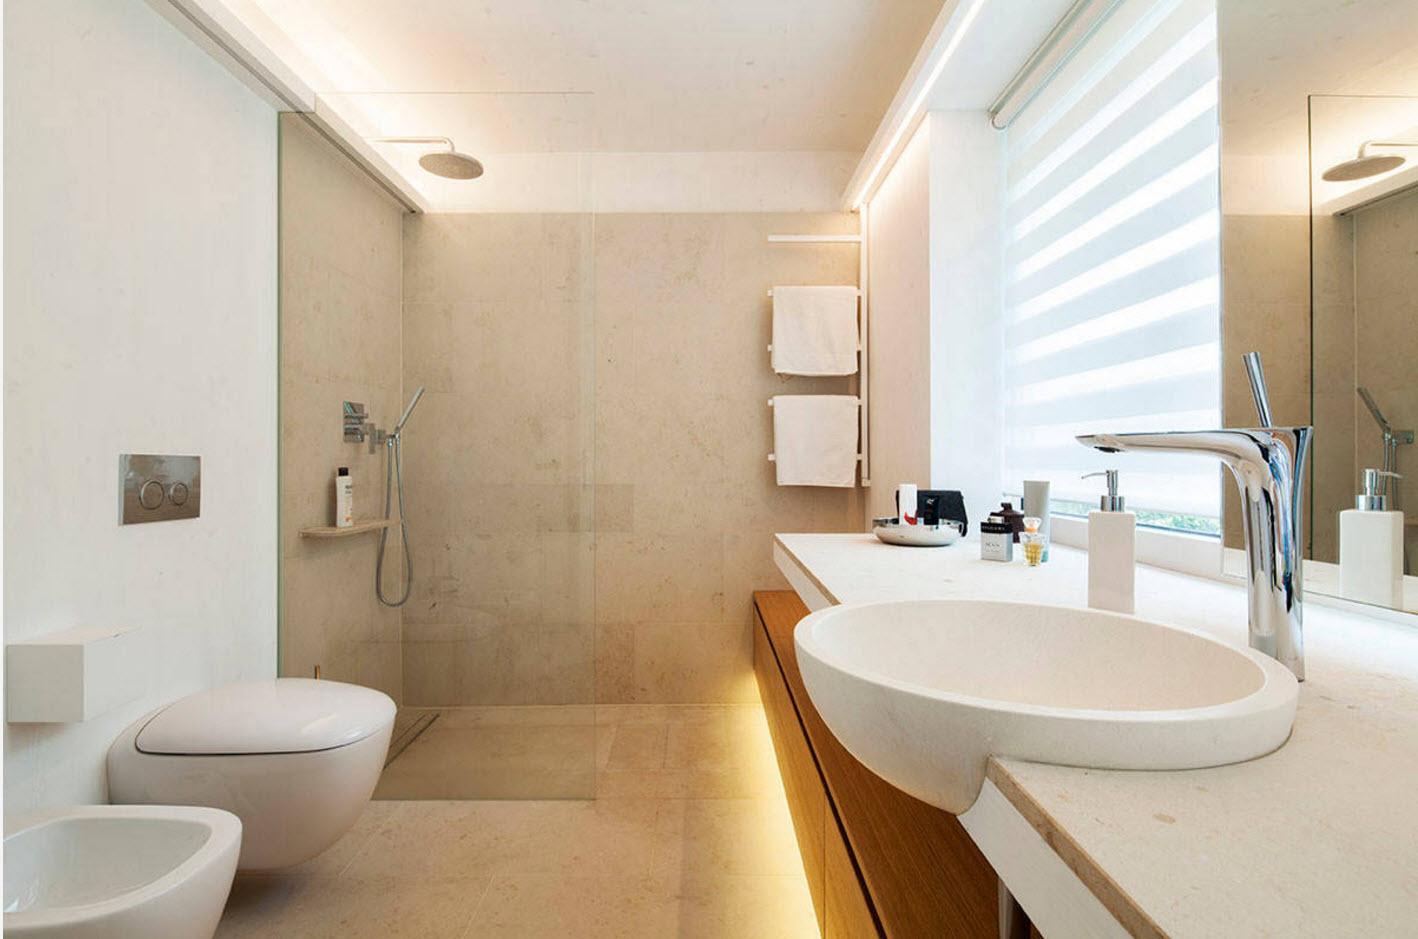 Совмещенная ванная комната с каменной отделкой